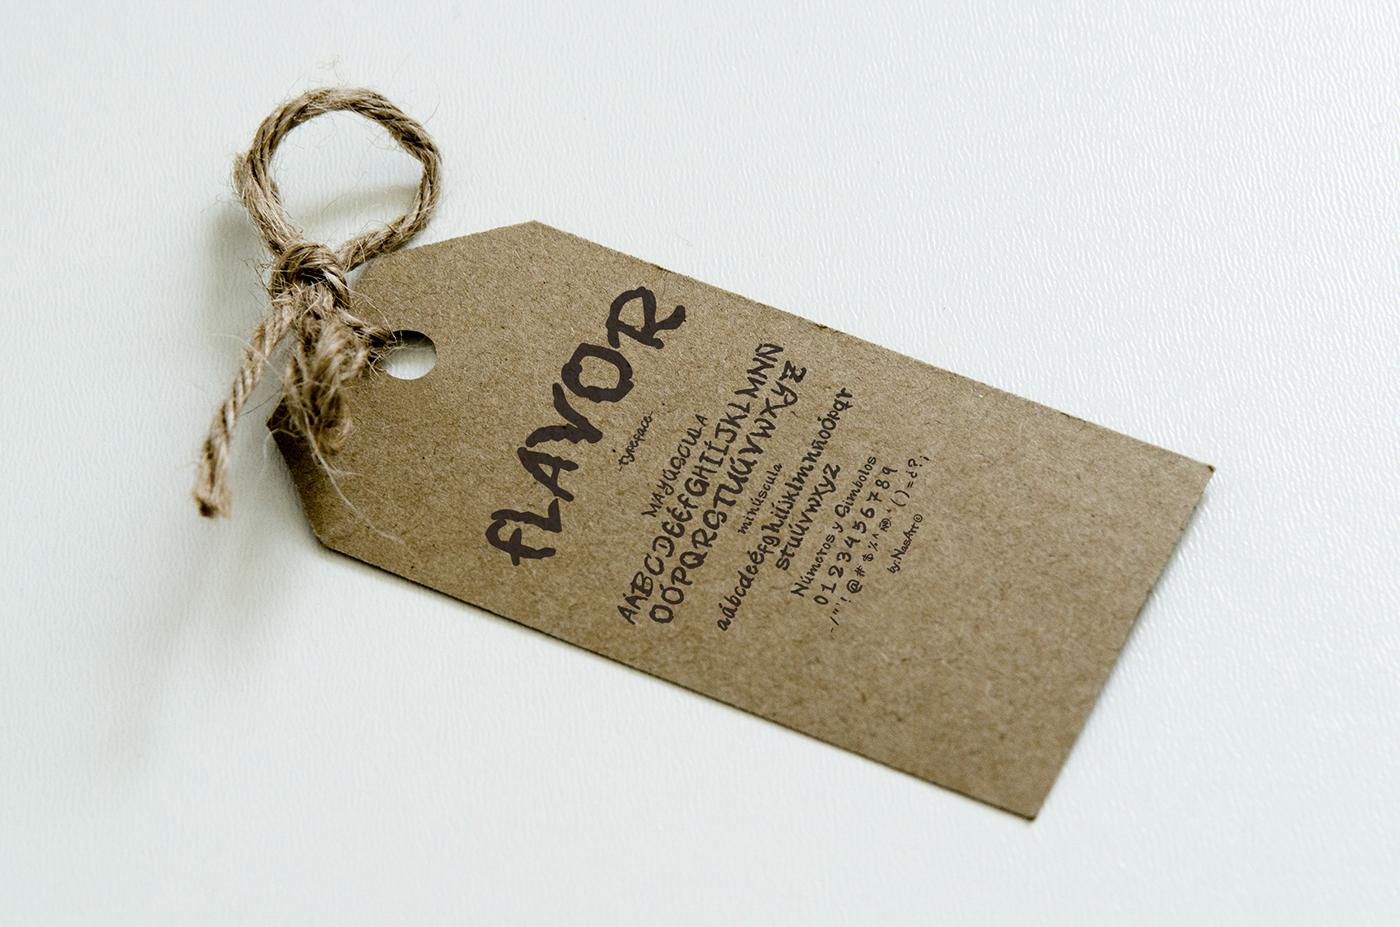 포스터에 어울리는 무료서체 Flavor Free Handmade Typeface